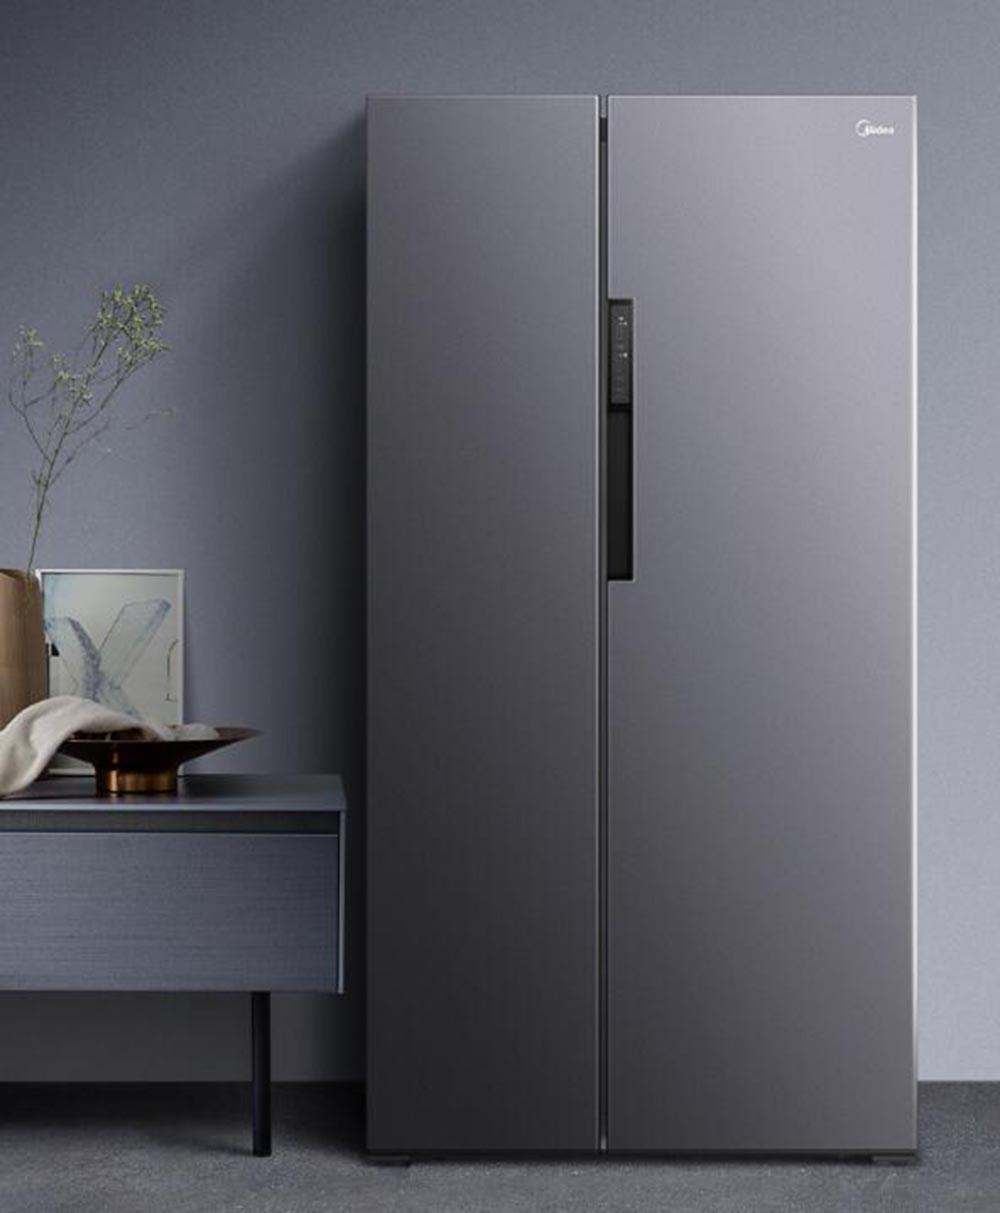 持久恒温储鲜 十款变频冰箱让食物口感好